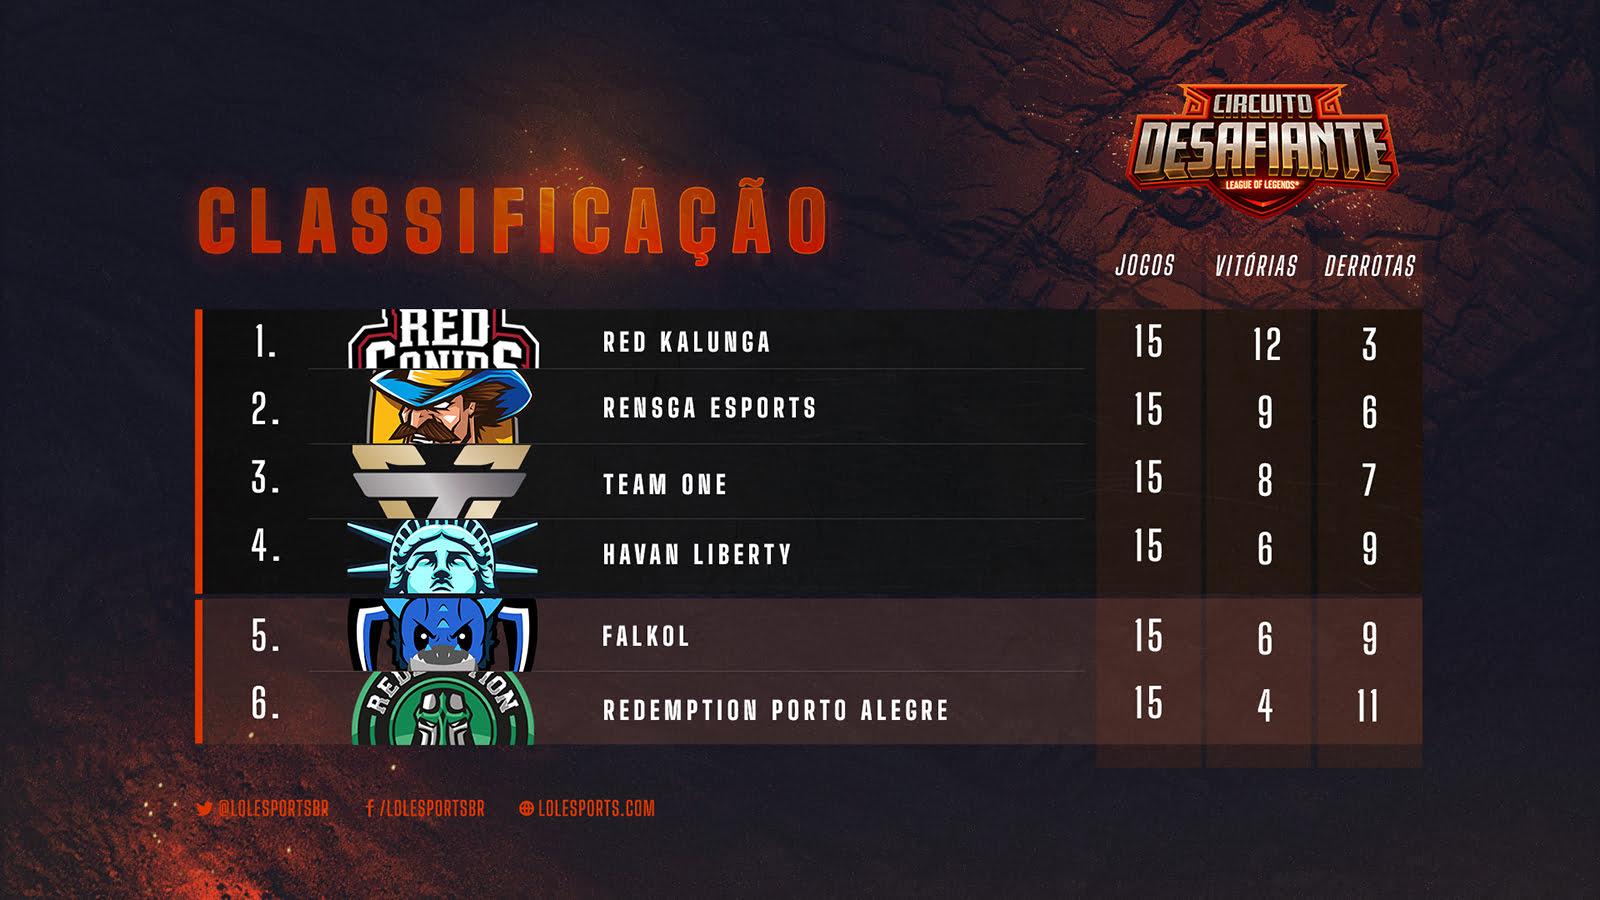 Tabela final desse Circuitão: RED Kalunga, Rensga, Team oNe e Havan Liberty nas semifinais, Falkol e Redemption completam a tabela.